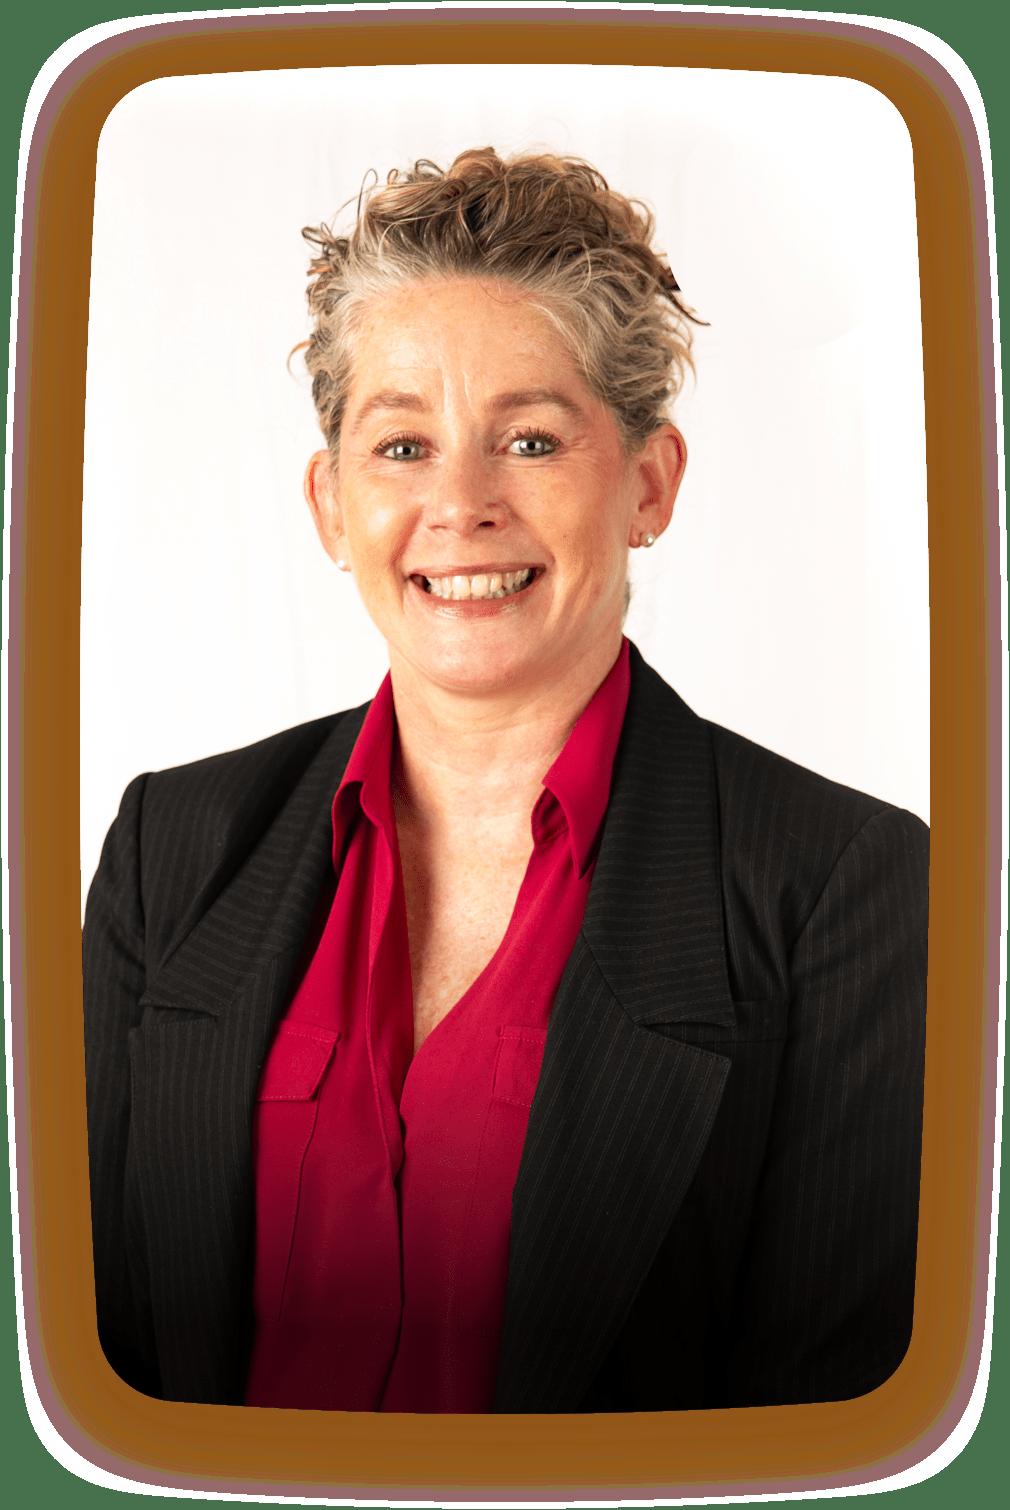 Julee Robey-Boschetto, Owner & President